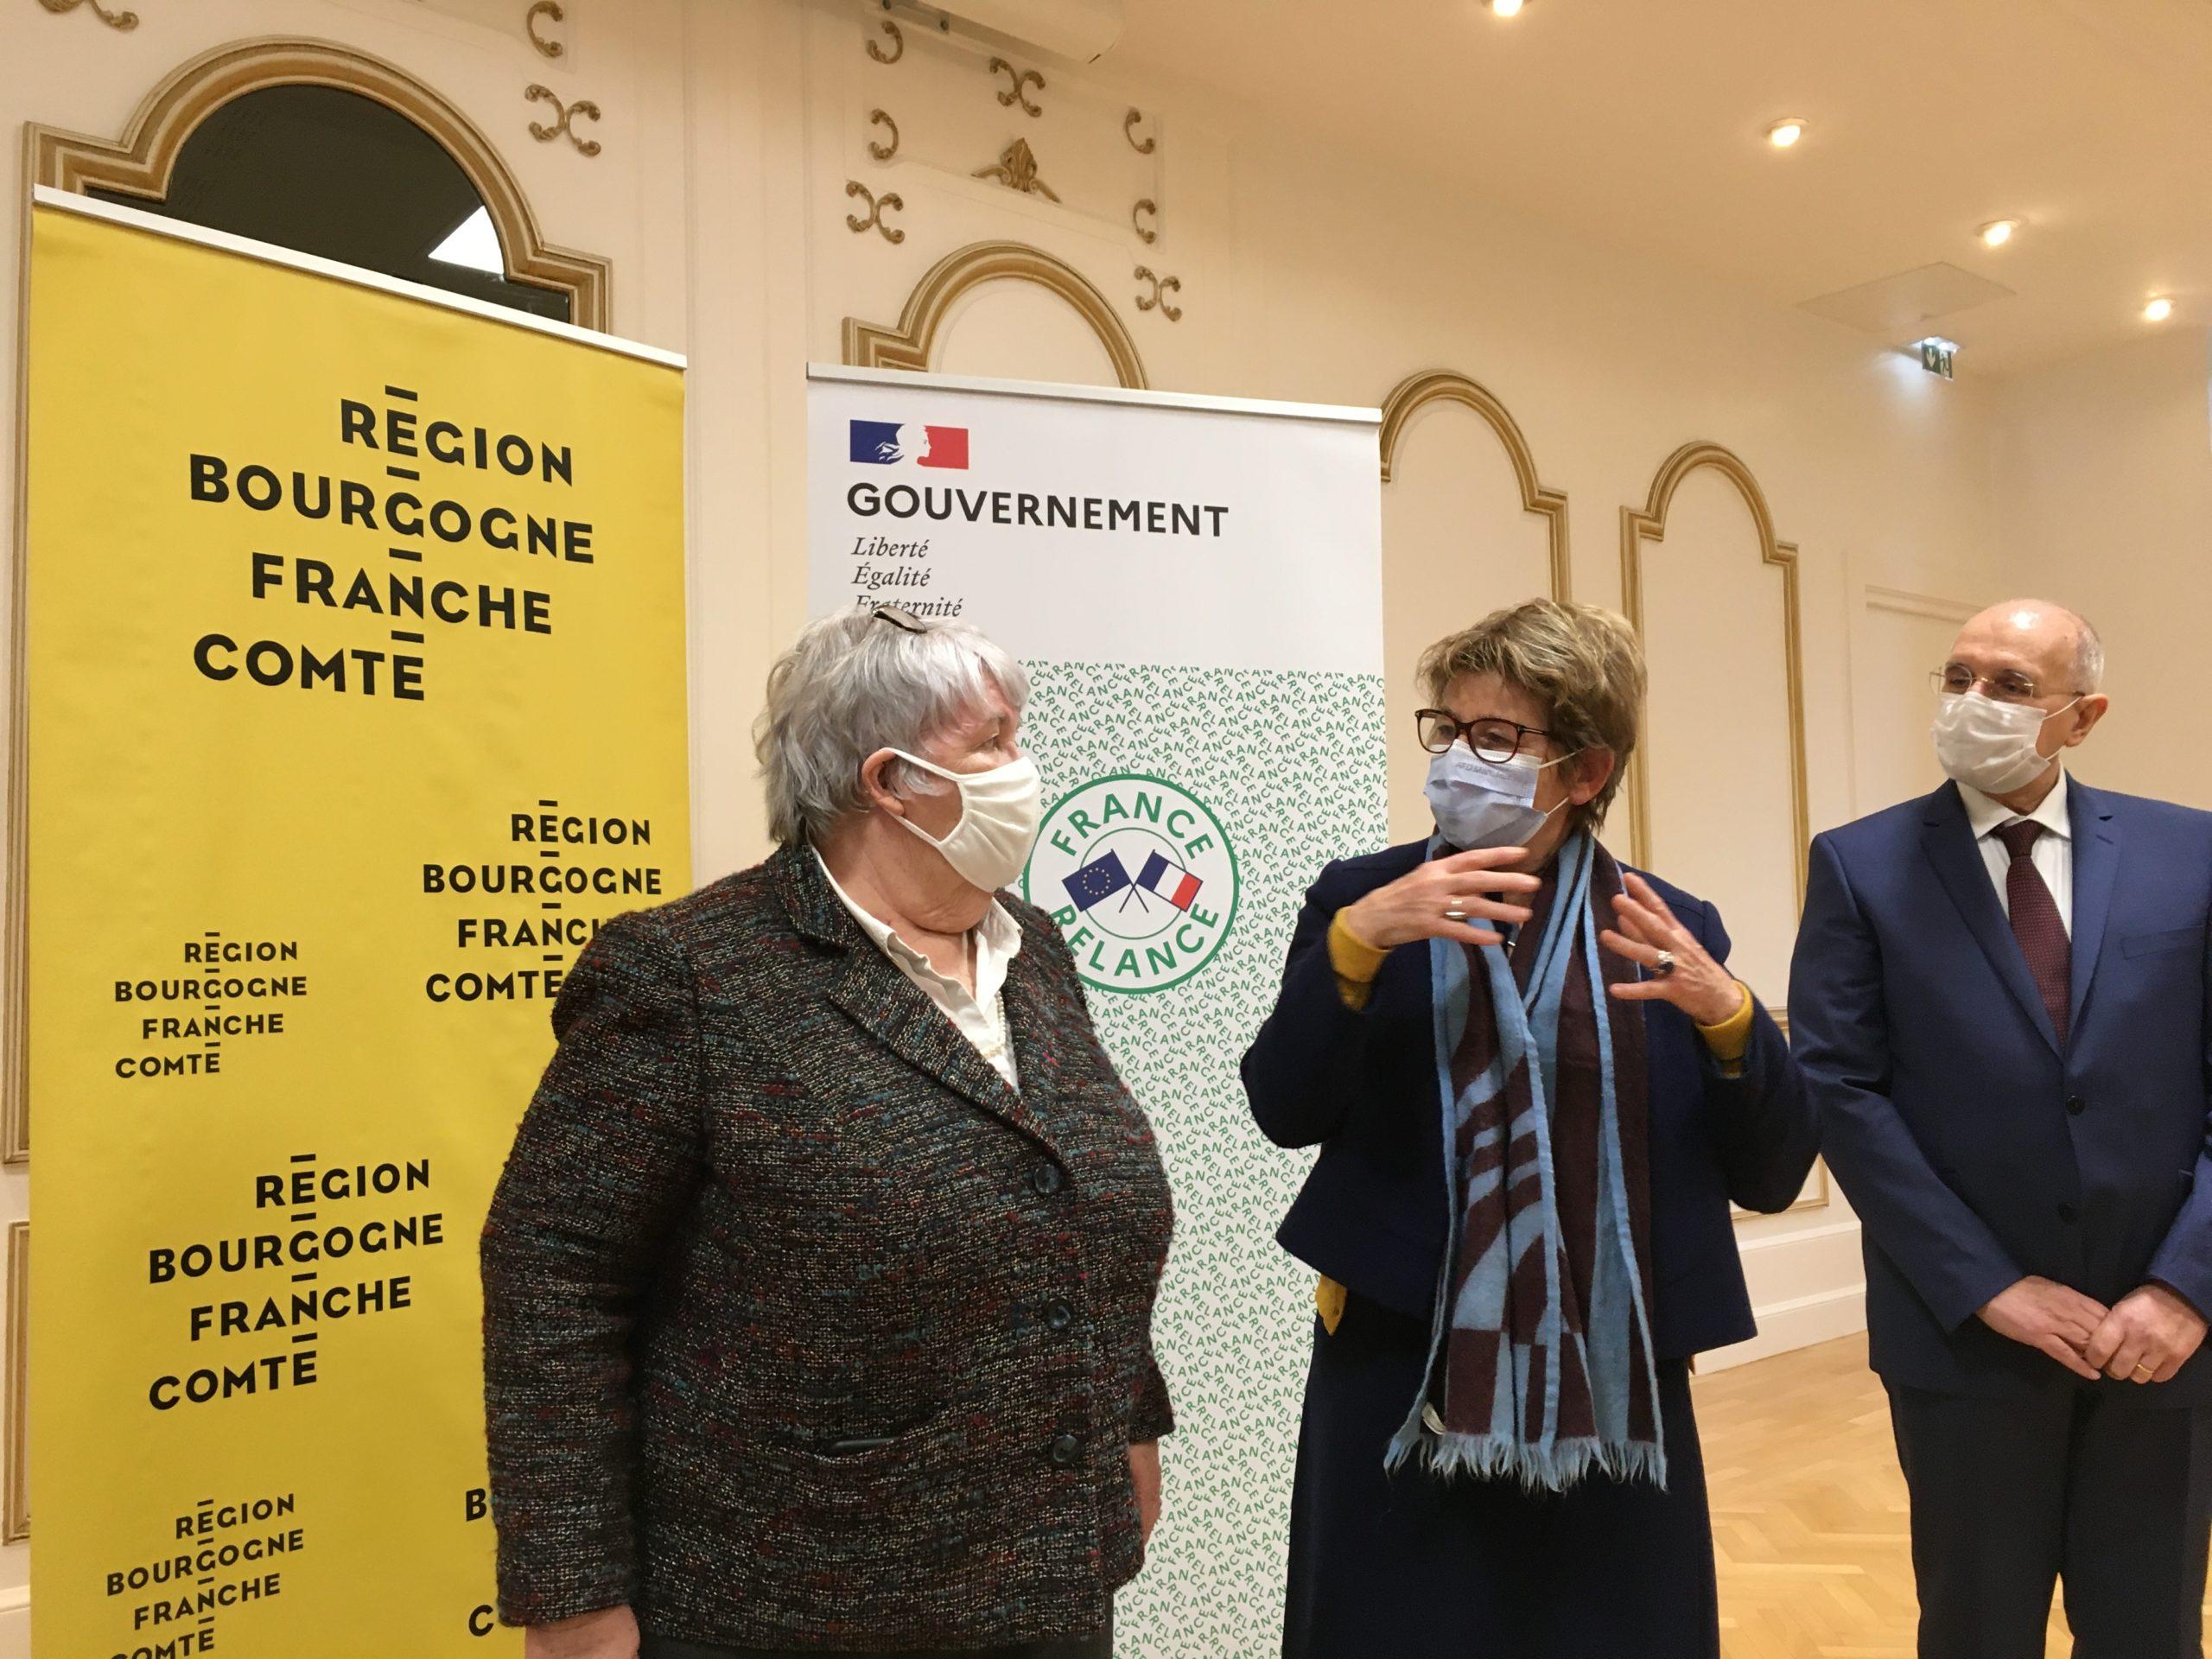 Le préfet de la région Bourgogne-Franche-Comté, Fabien Sudry, et la présidente du conseil régional de Bourgogne-Franche-Comté, Marie-Guite Dufay, ont signé ce vendredi l'accord de relance État-Région et l'accord stratégique du contrat de plan État-Région, pour la période 2021-2027.